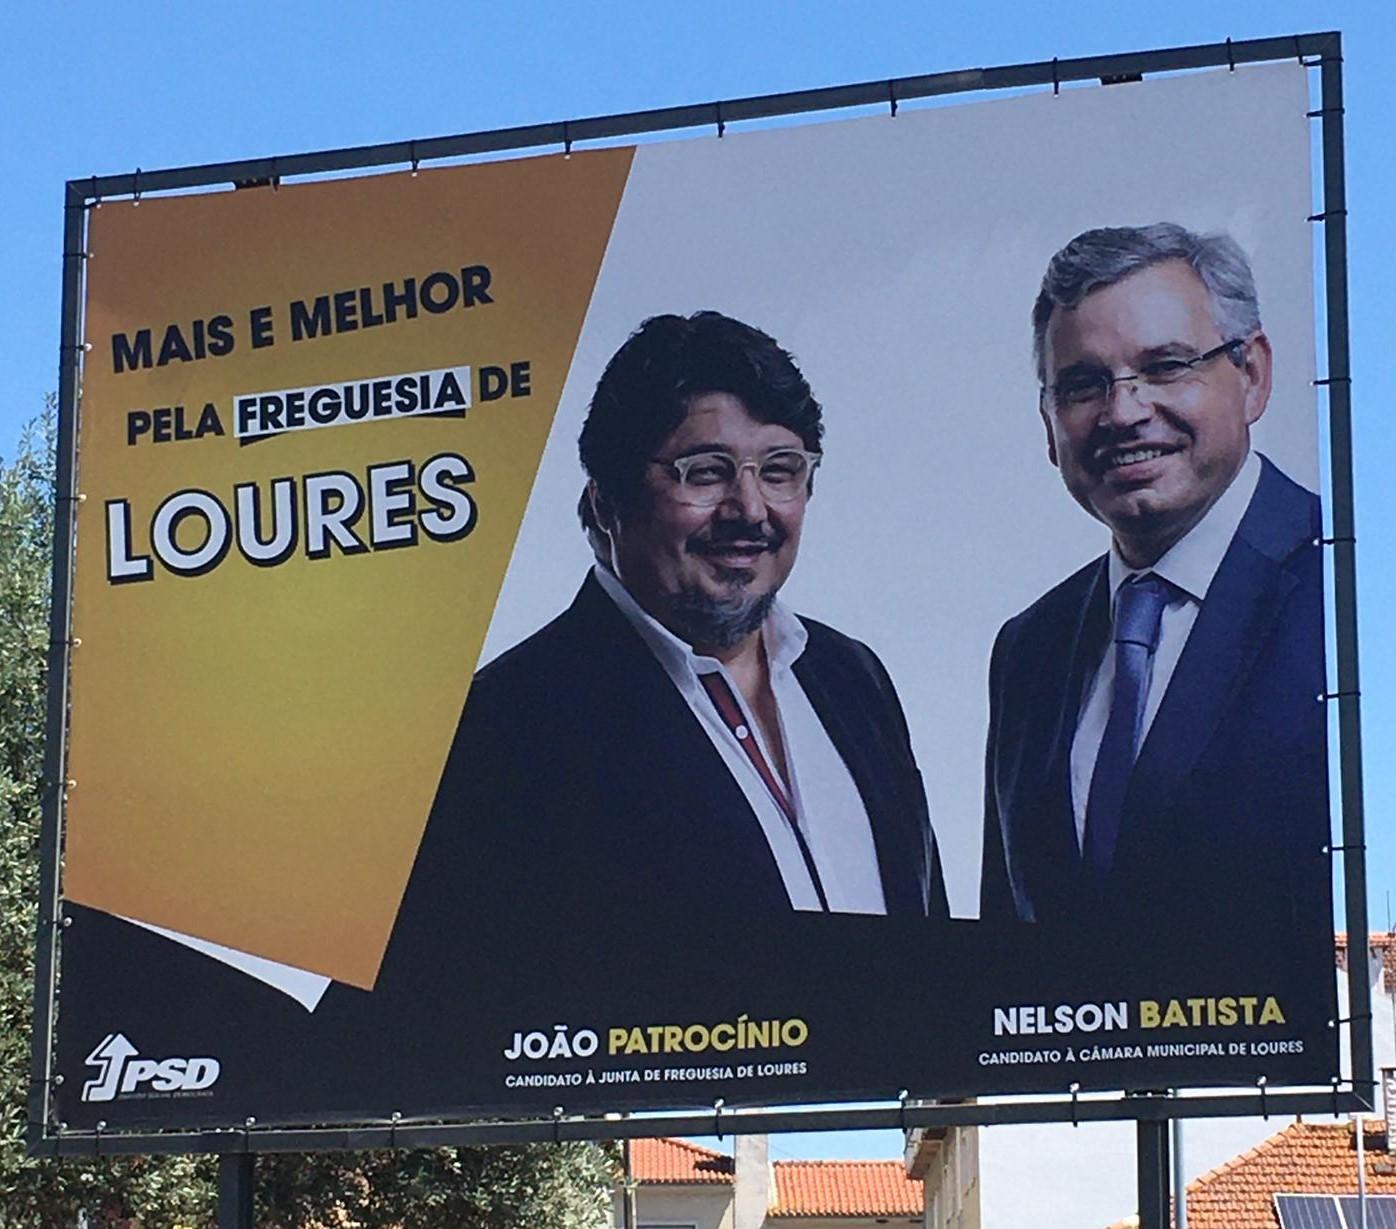 PSD_2021_Loures_loures_1